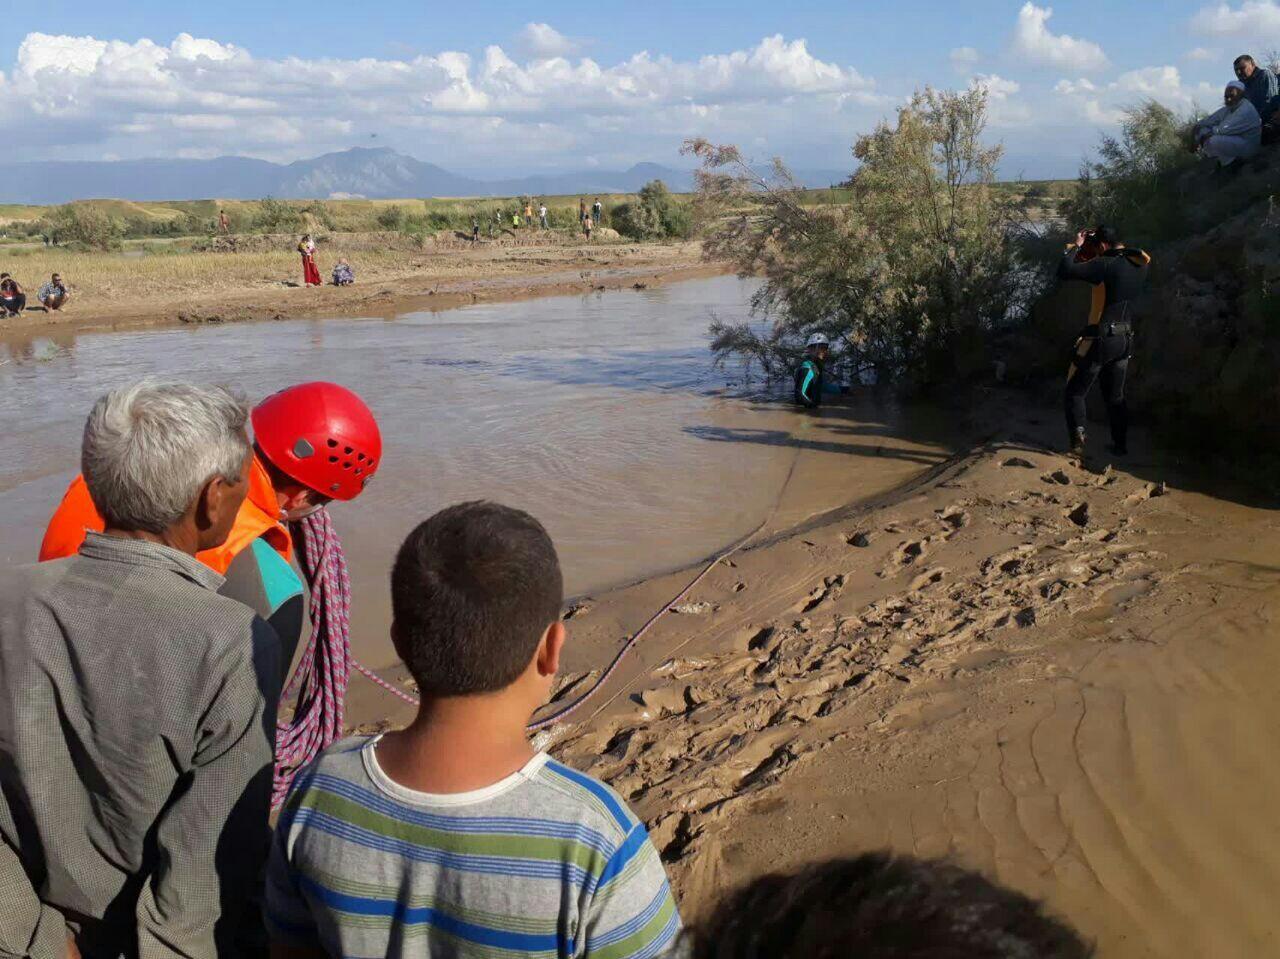 غرق شدن جوان گنبدی در رودخانه/عملیات جستجو ادامه دارد